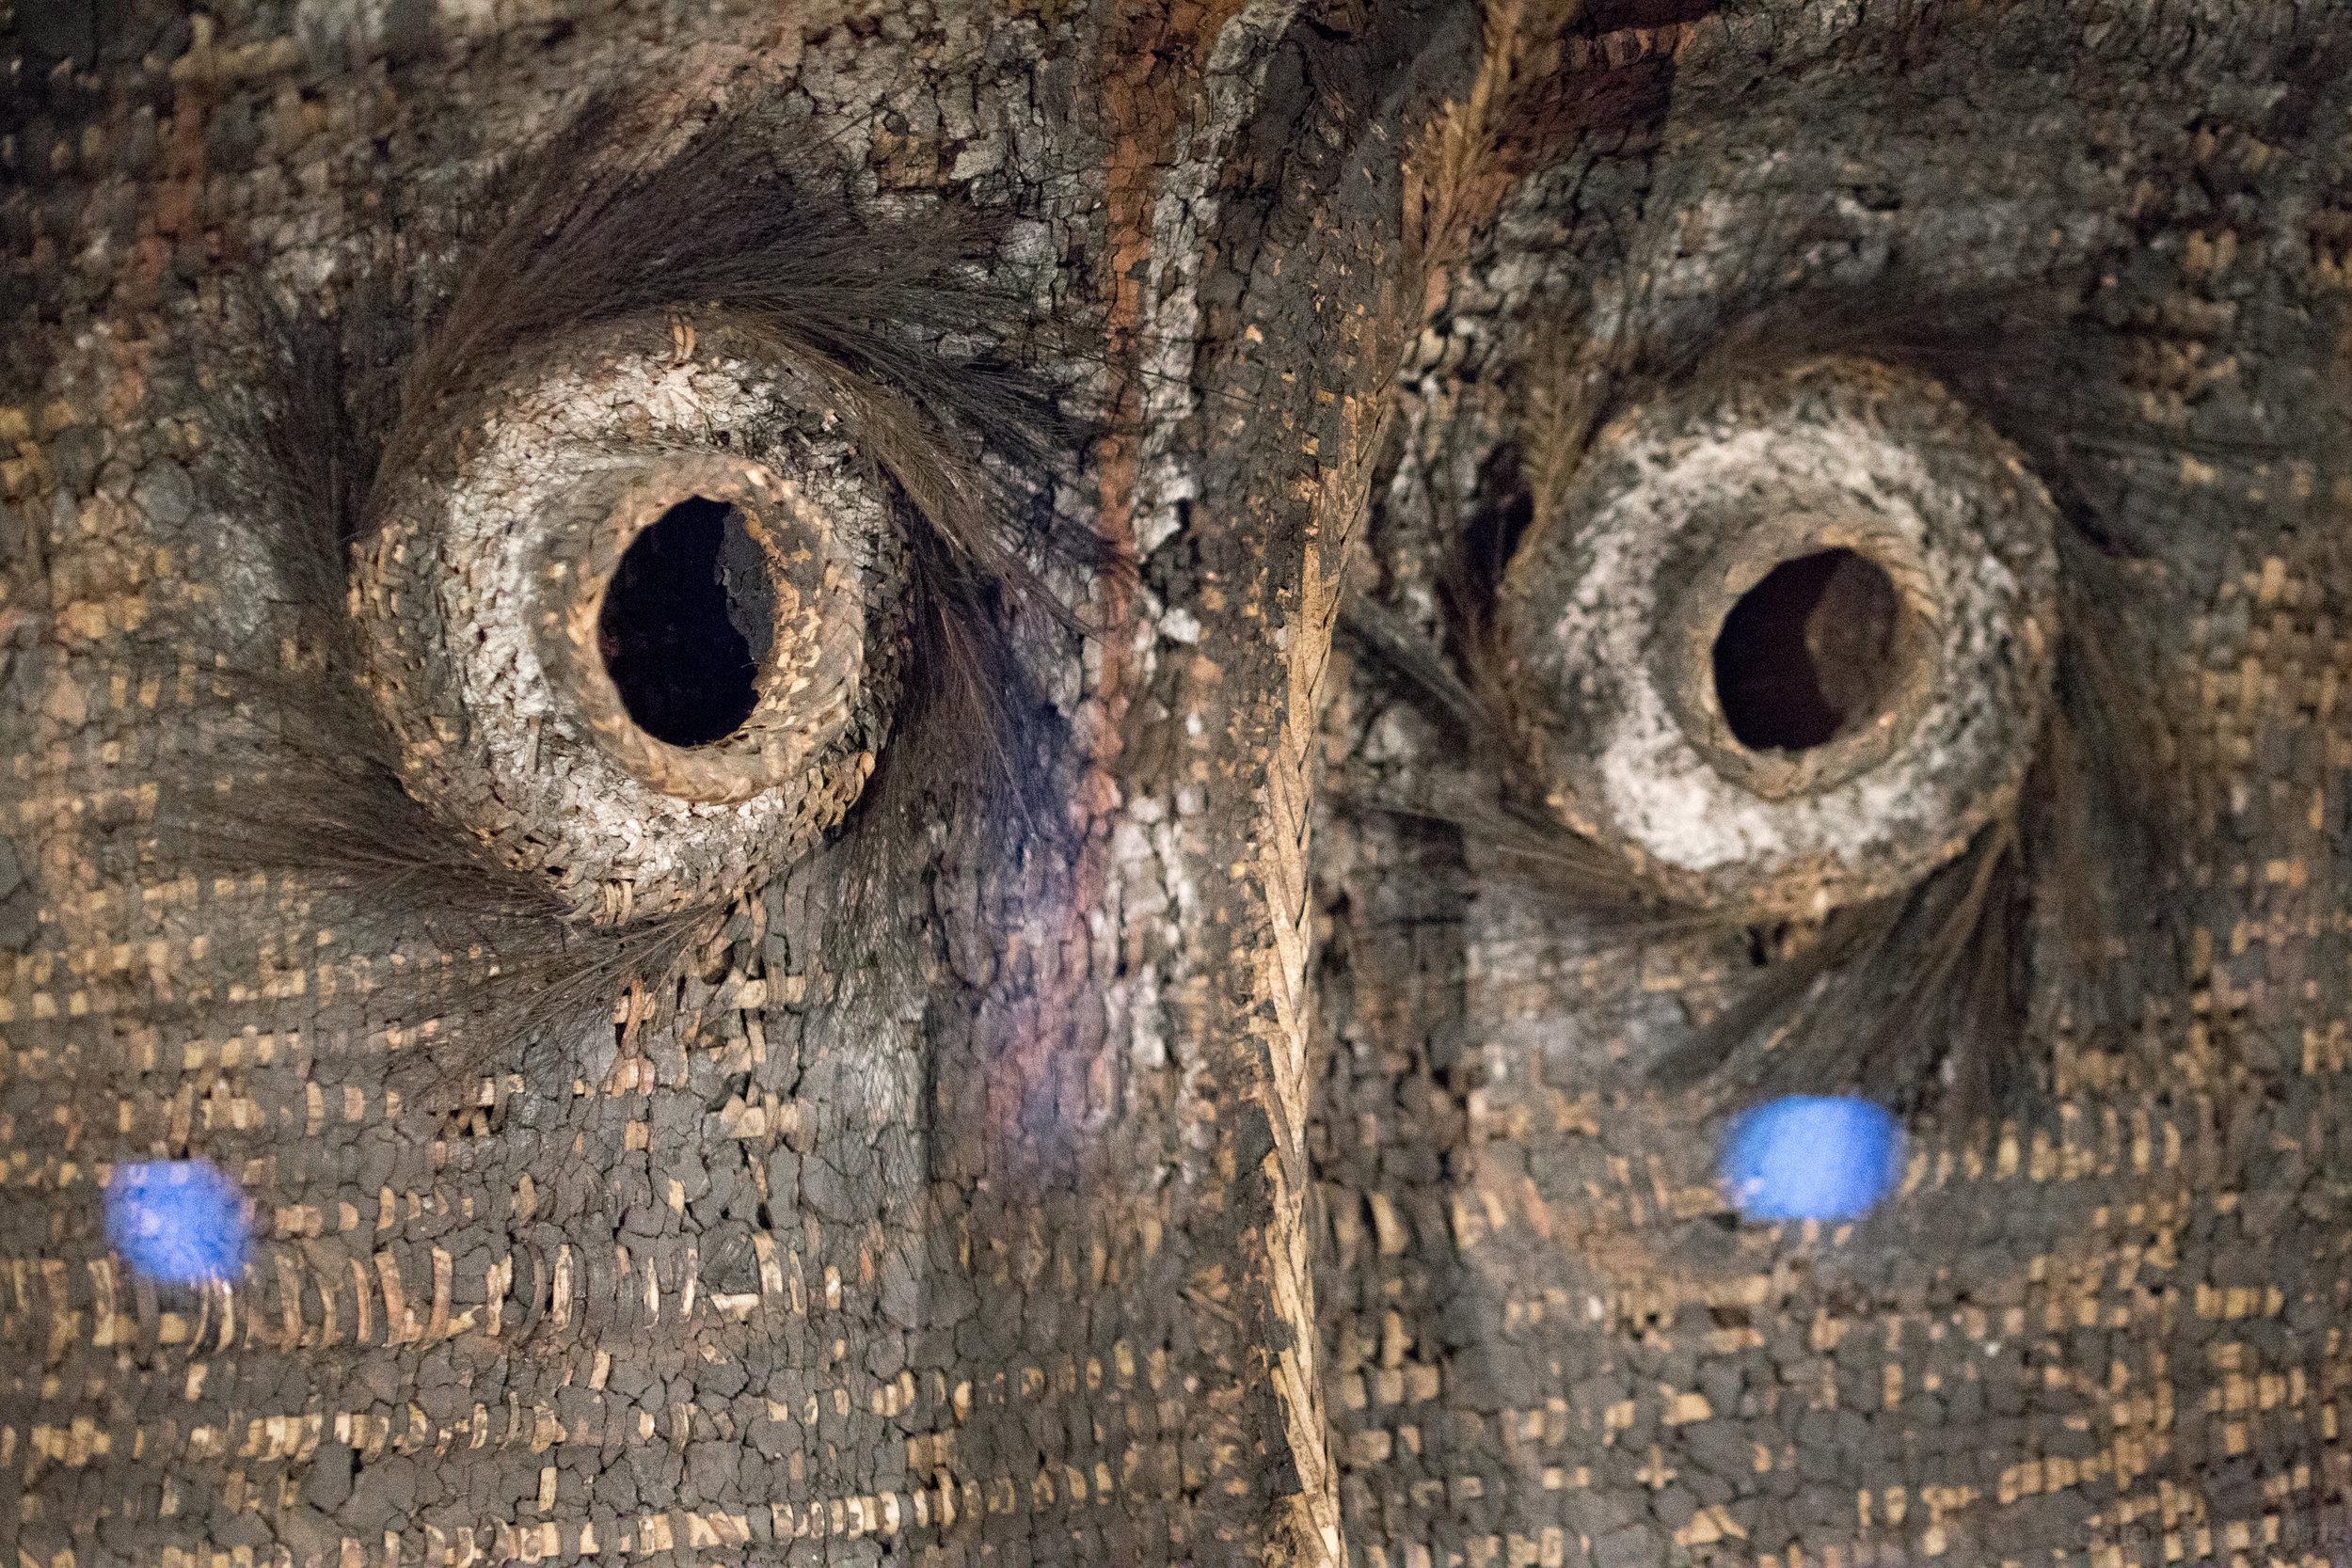 exposition-masque-art-tribal-africain-musee-quai-branly-belgique-galerie-lz-arts-liege-cite-miroir-oceanie-asie-japon-amerique-art-premier-nepal-17.jpg